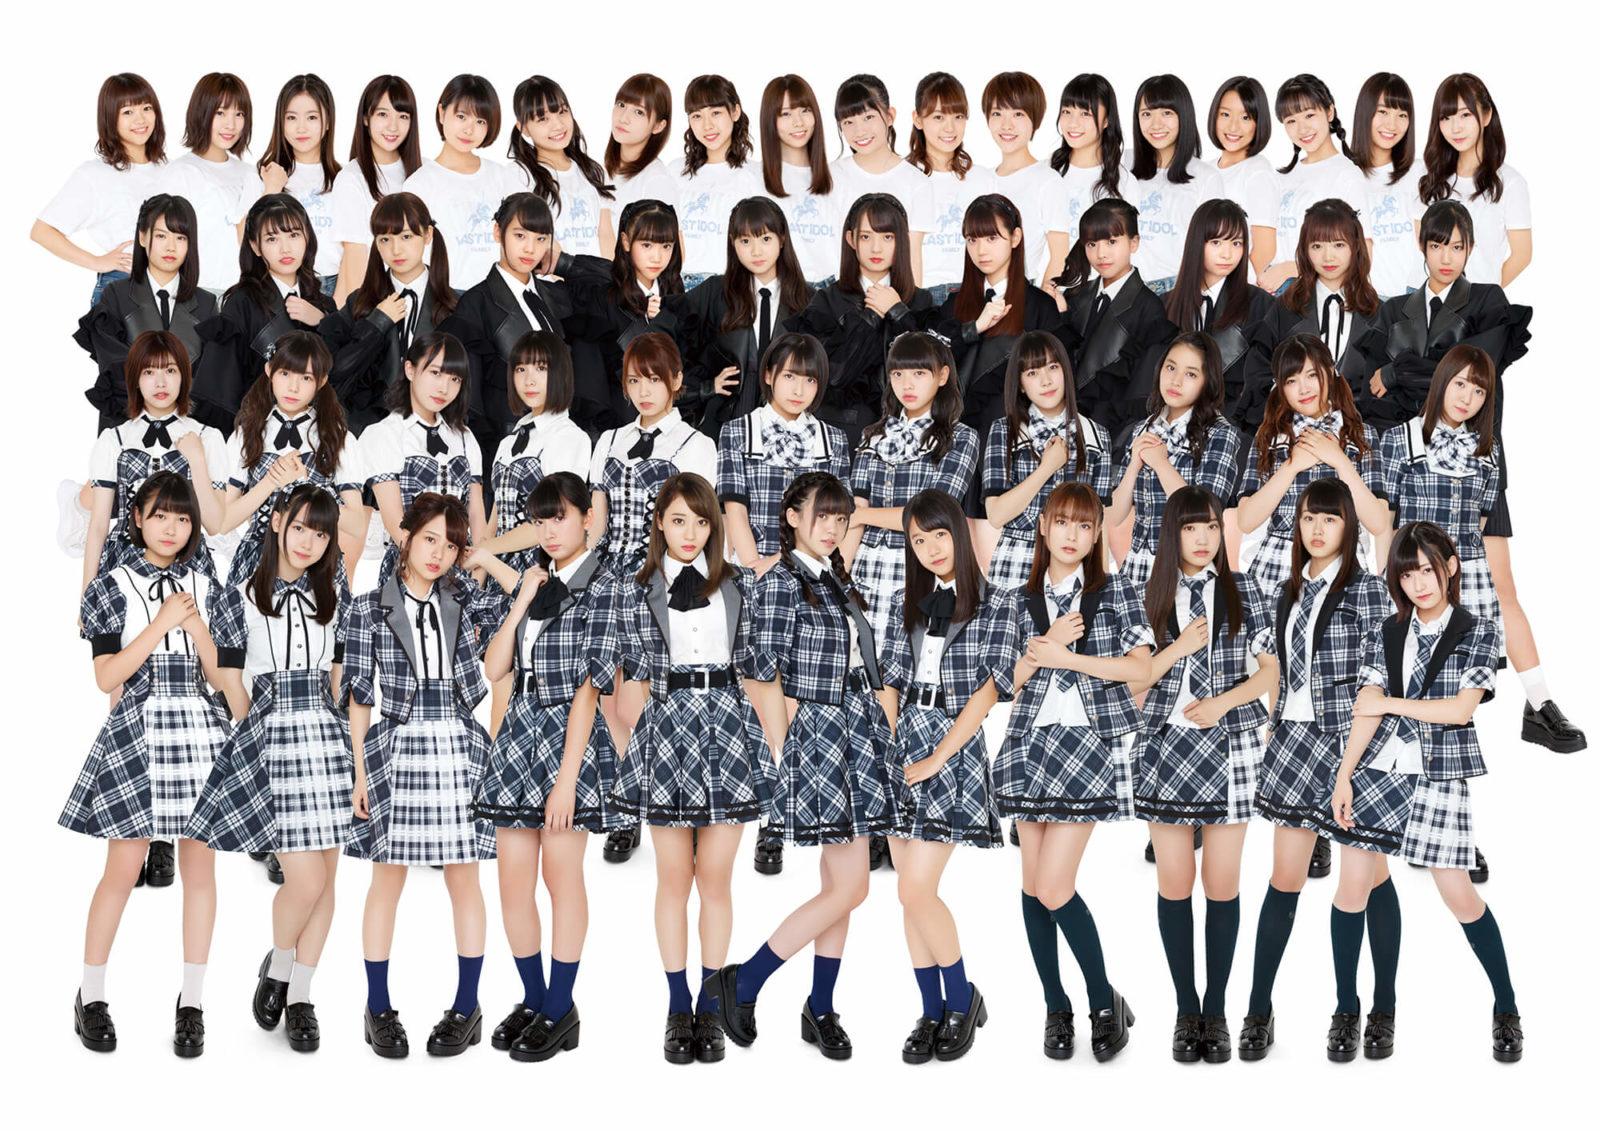 ラストアイドル、6thシングル「大人サバイバー」発売記念プレミアムライブ開催決定サムネイル画像